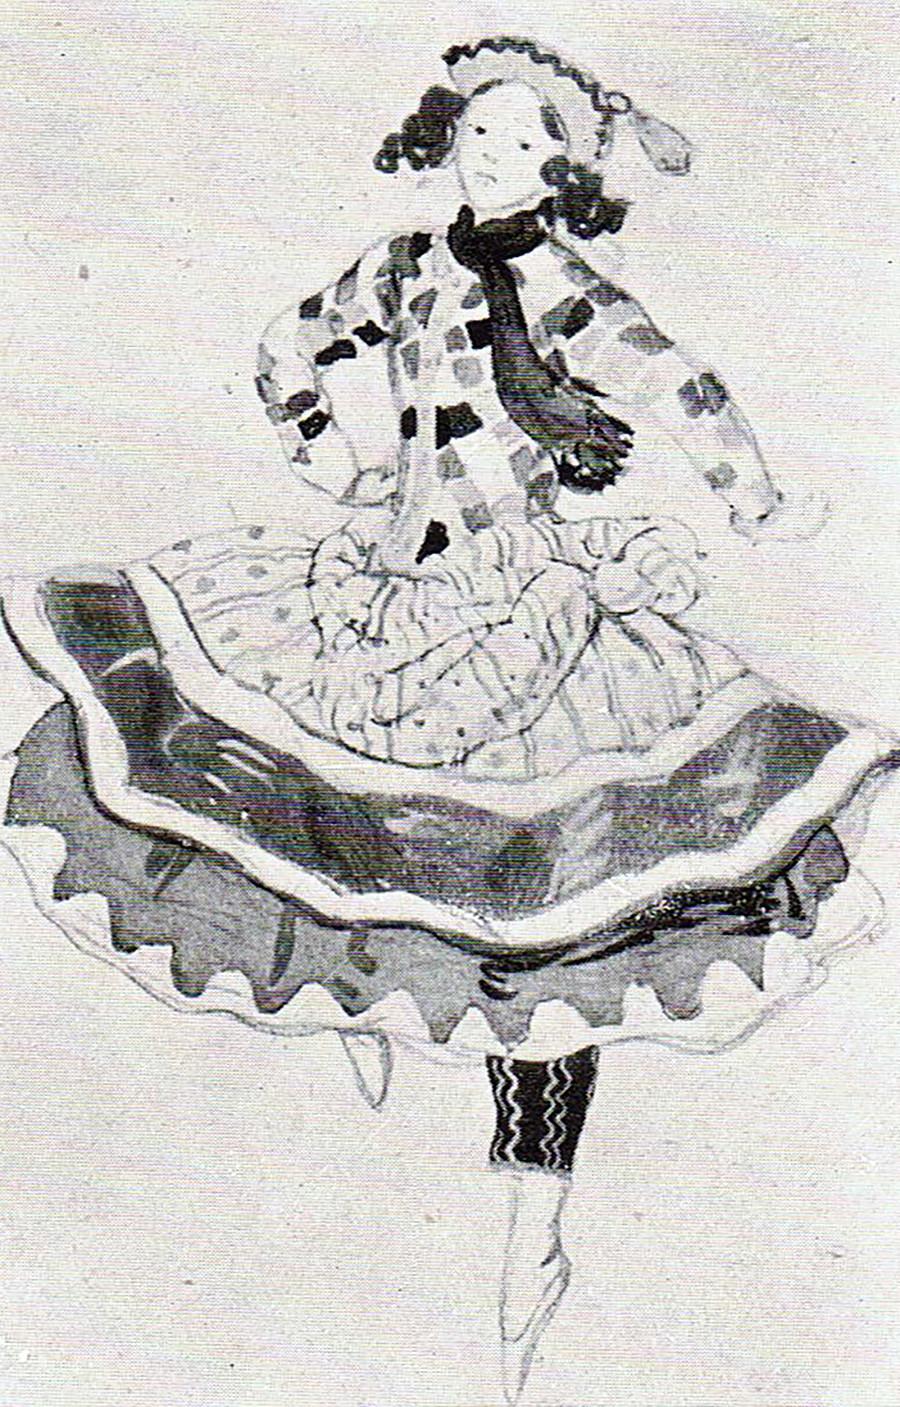 Alexandre Benois. Esquisse pour le ballet Petrouchka, 1911